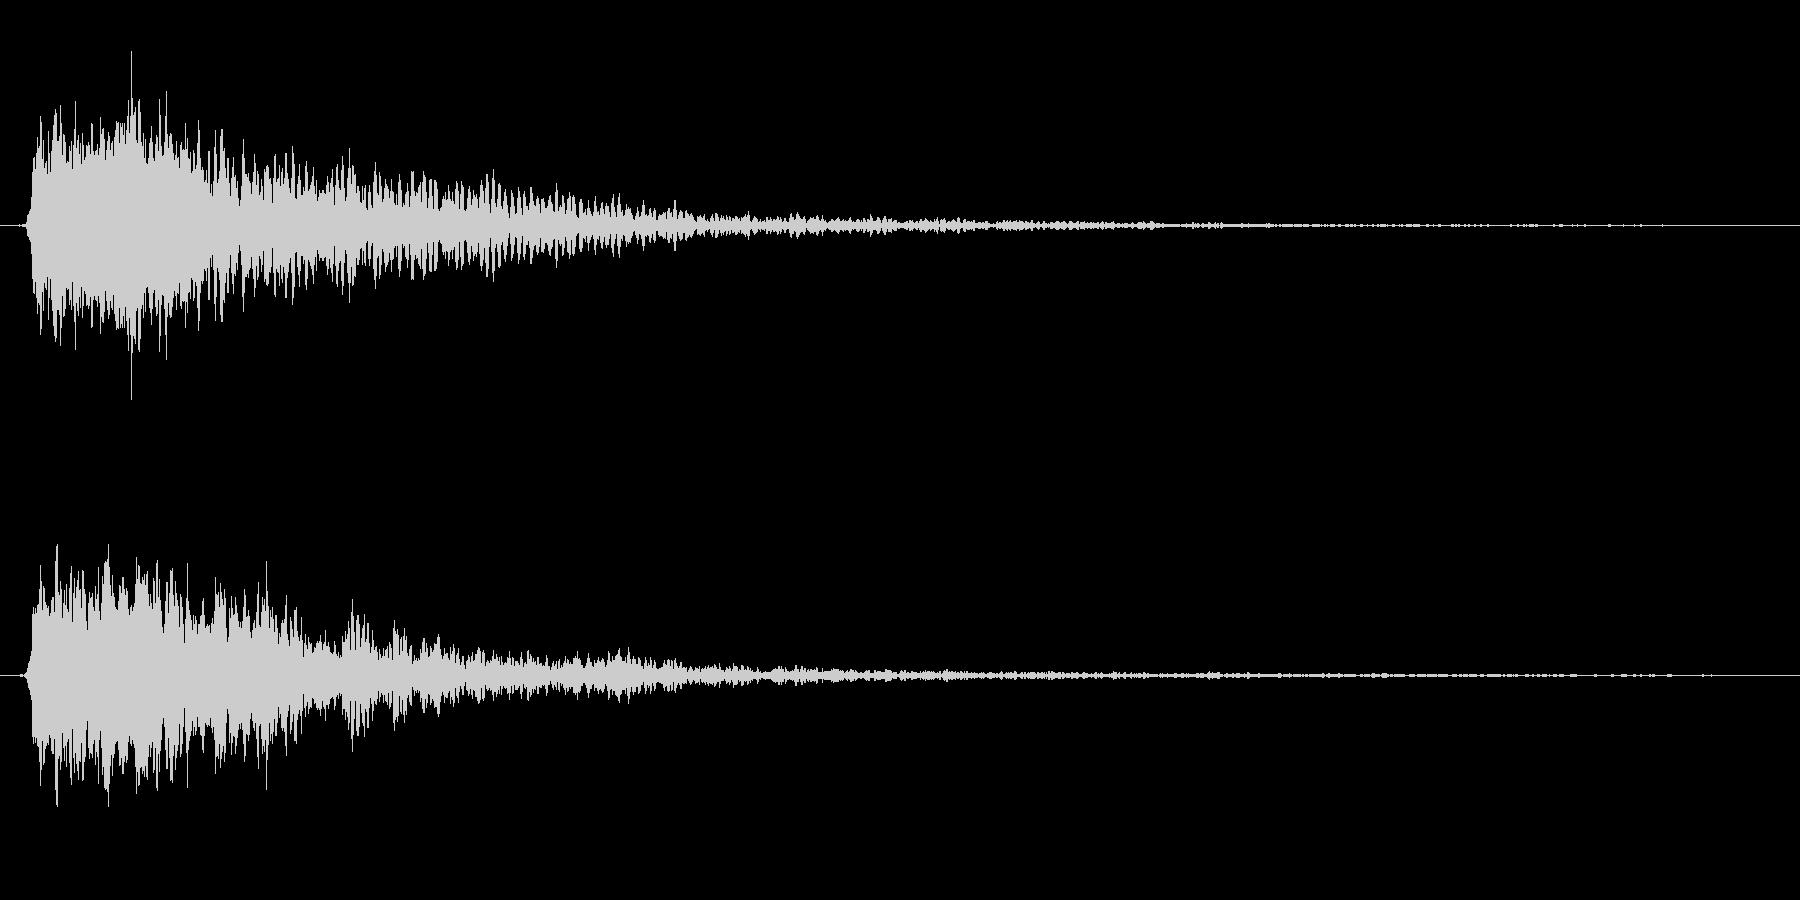 広い場所の金属音、予告、サウンドロゴの未再生の波形